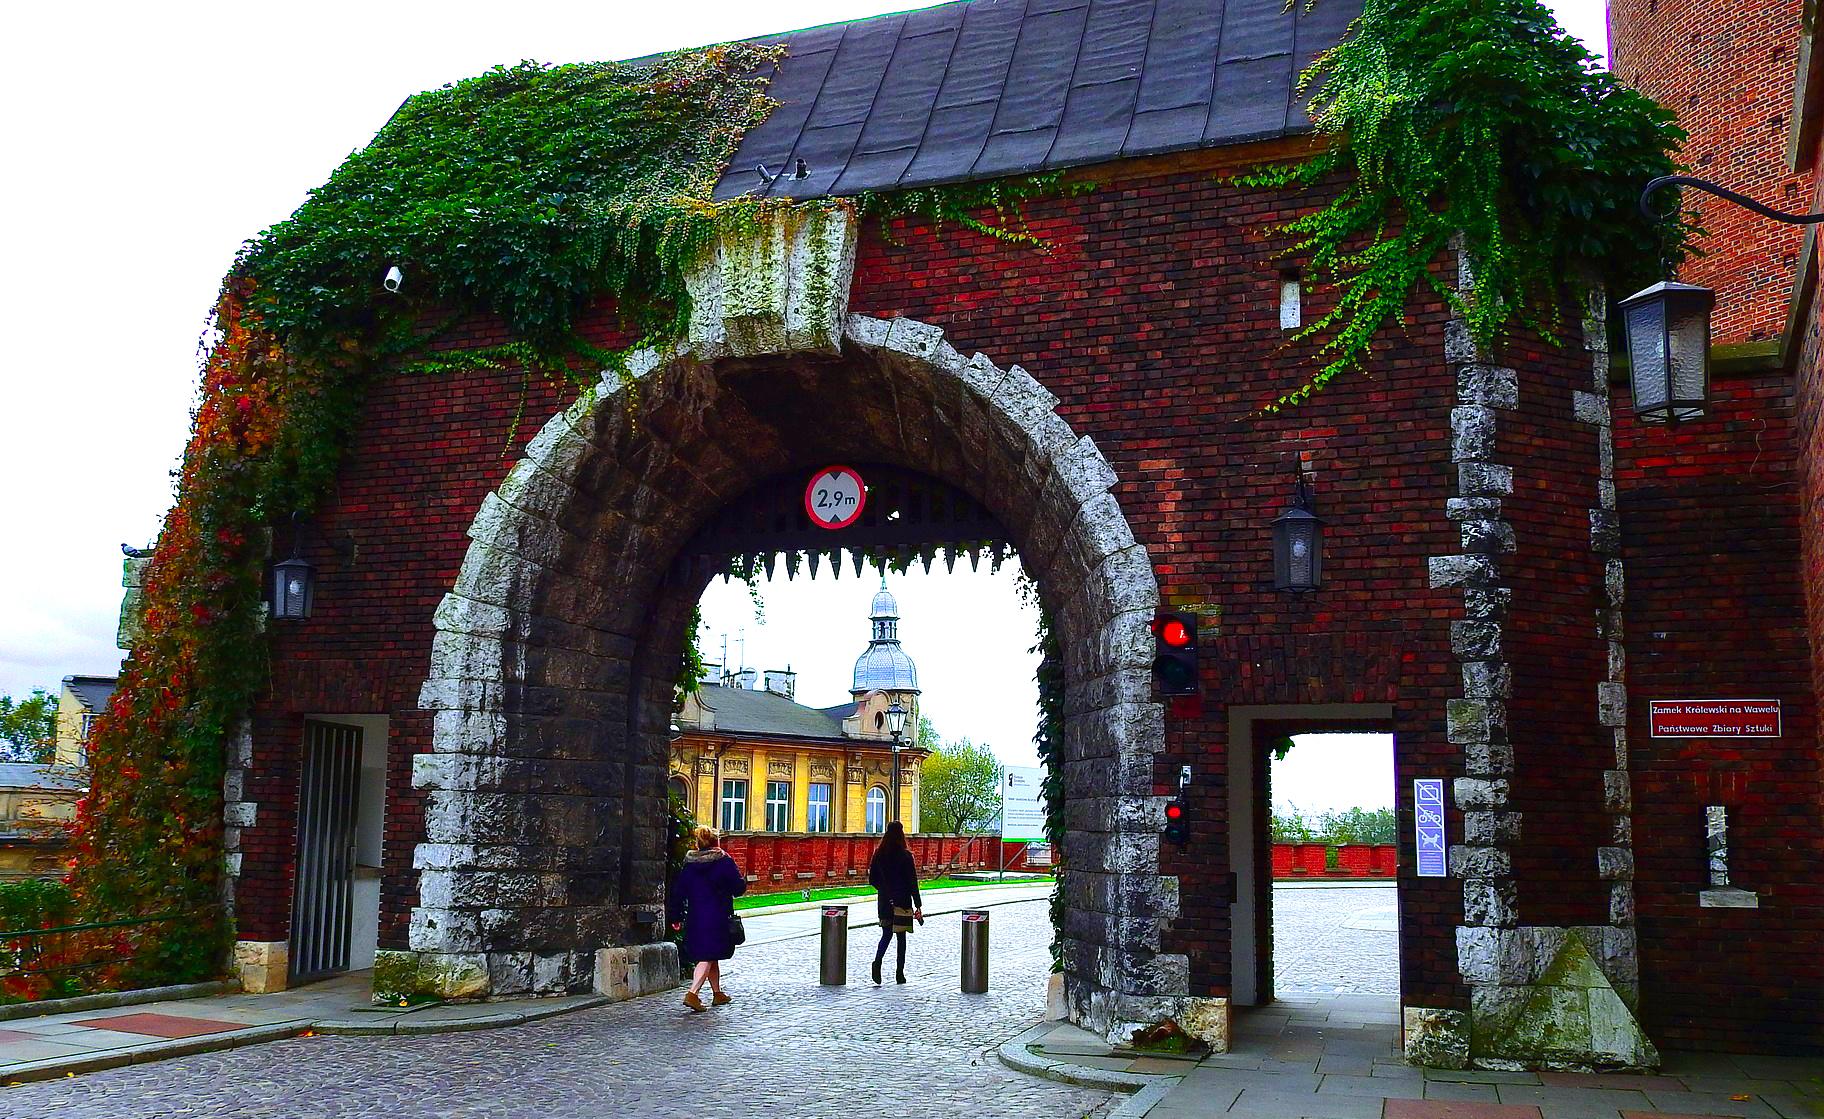 Qué ver en Cracovia, Krakow, Polonia, Poland qué ver en cracovia - 38652462800 cb286e8a91 o - Qué ver en Cracovia, Polonia